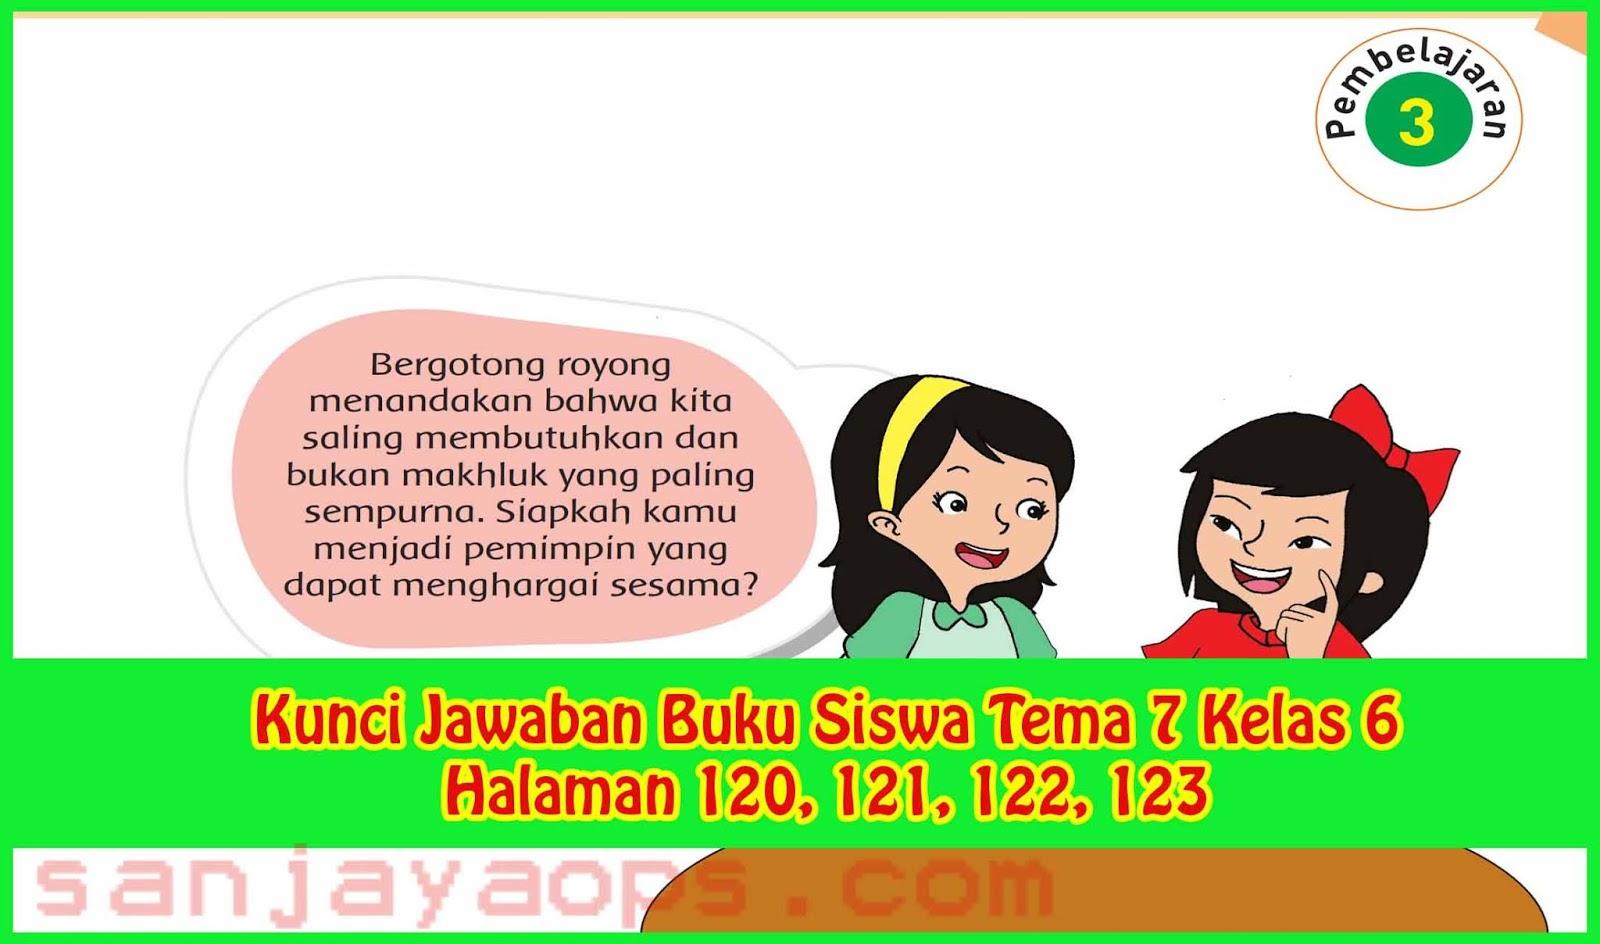 Kunci Jawaban Buku Siswa Tema 7 Kelas 6 Halaman 120 121 122 123 Sanjayaops